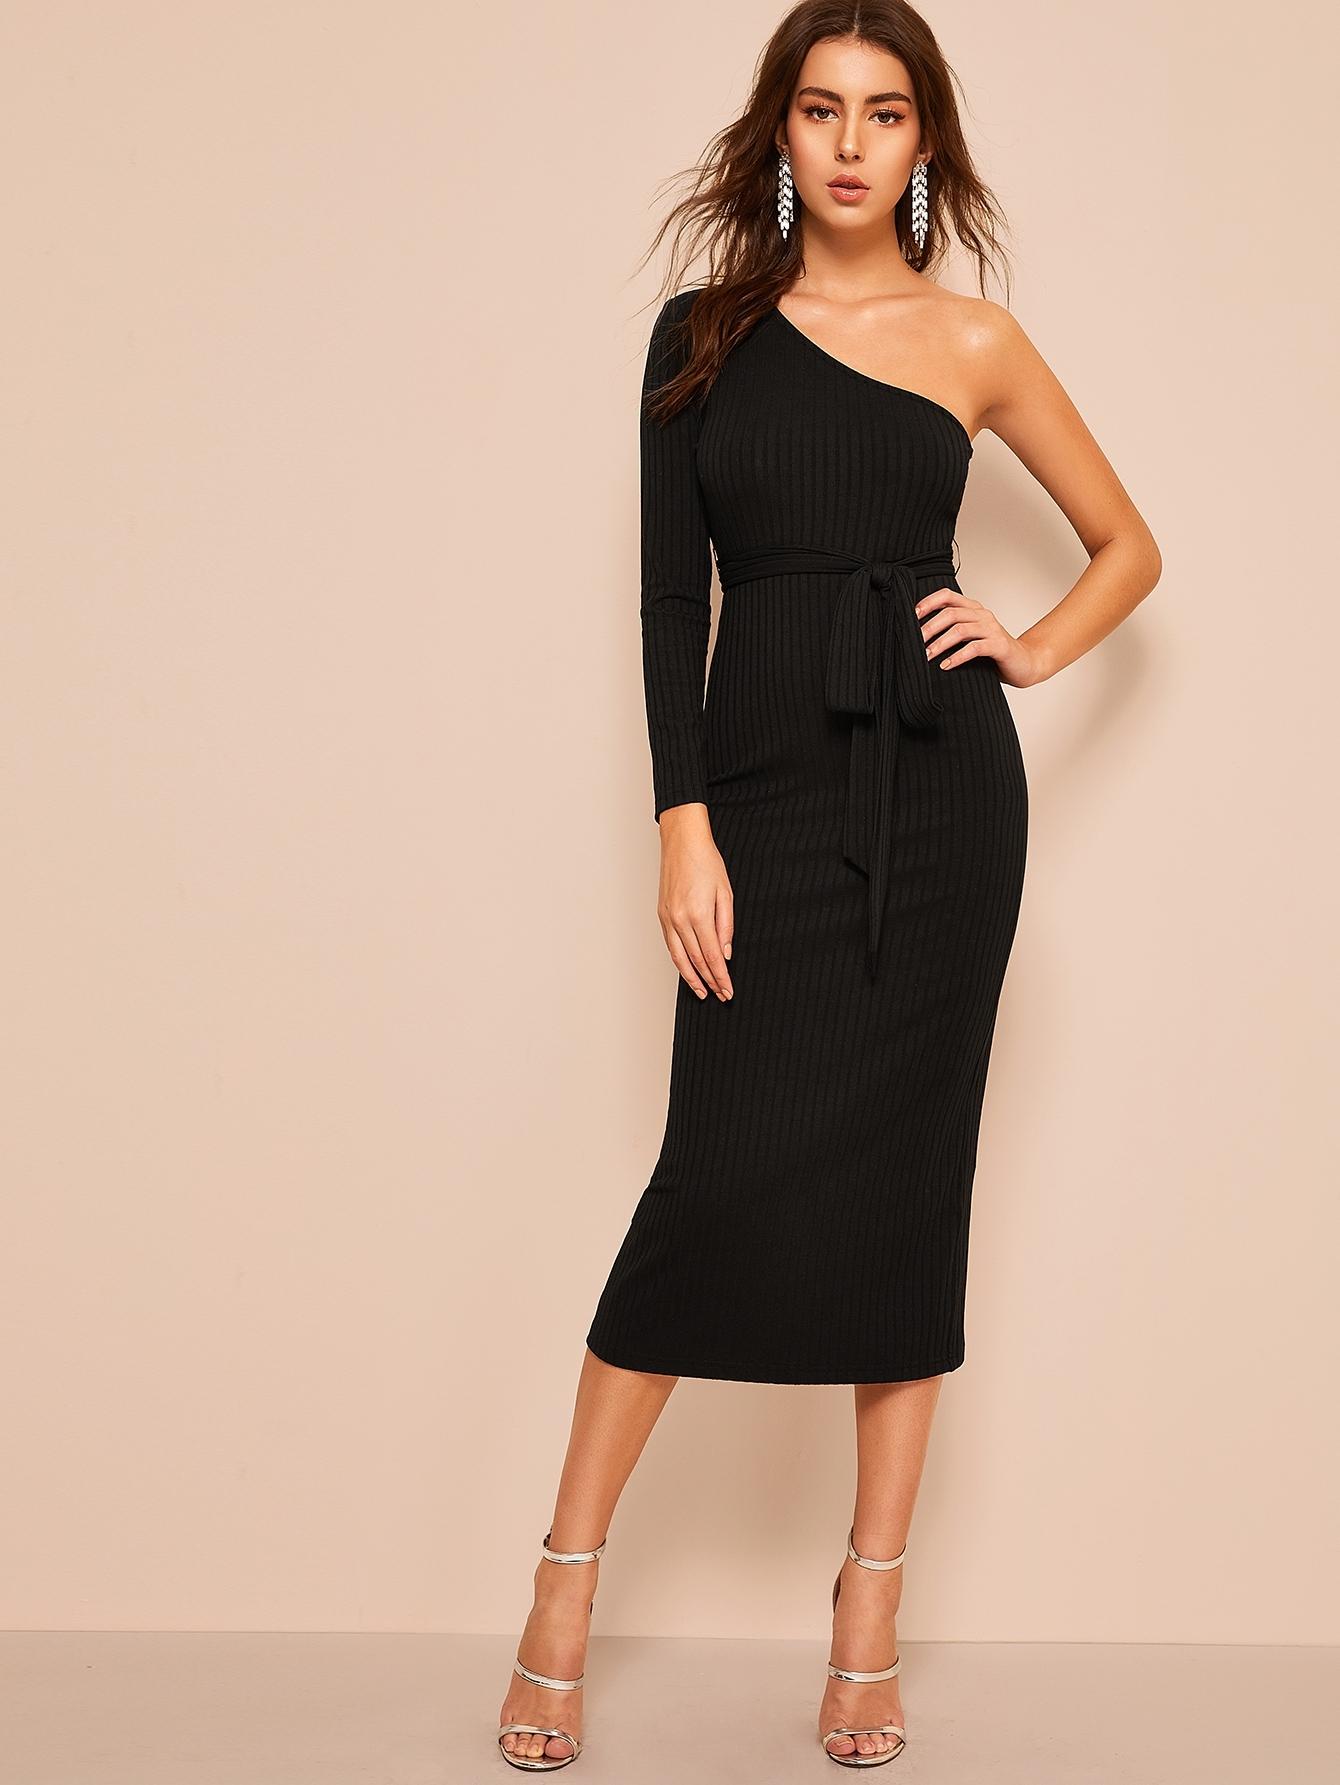 Фото - Трикотажное платье-карандаш на одно плечо с поясом от SheIn цвет чёрные